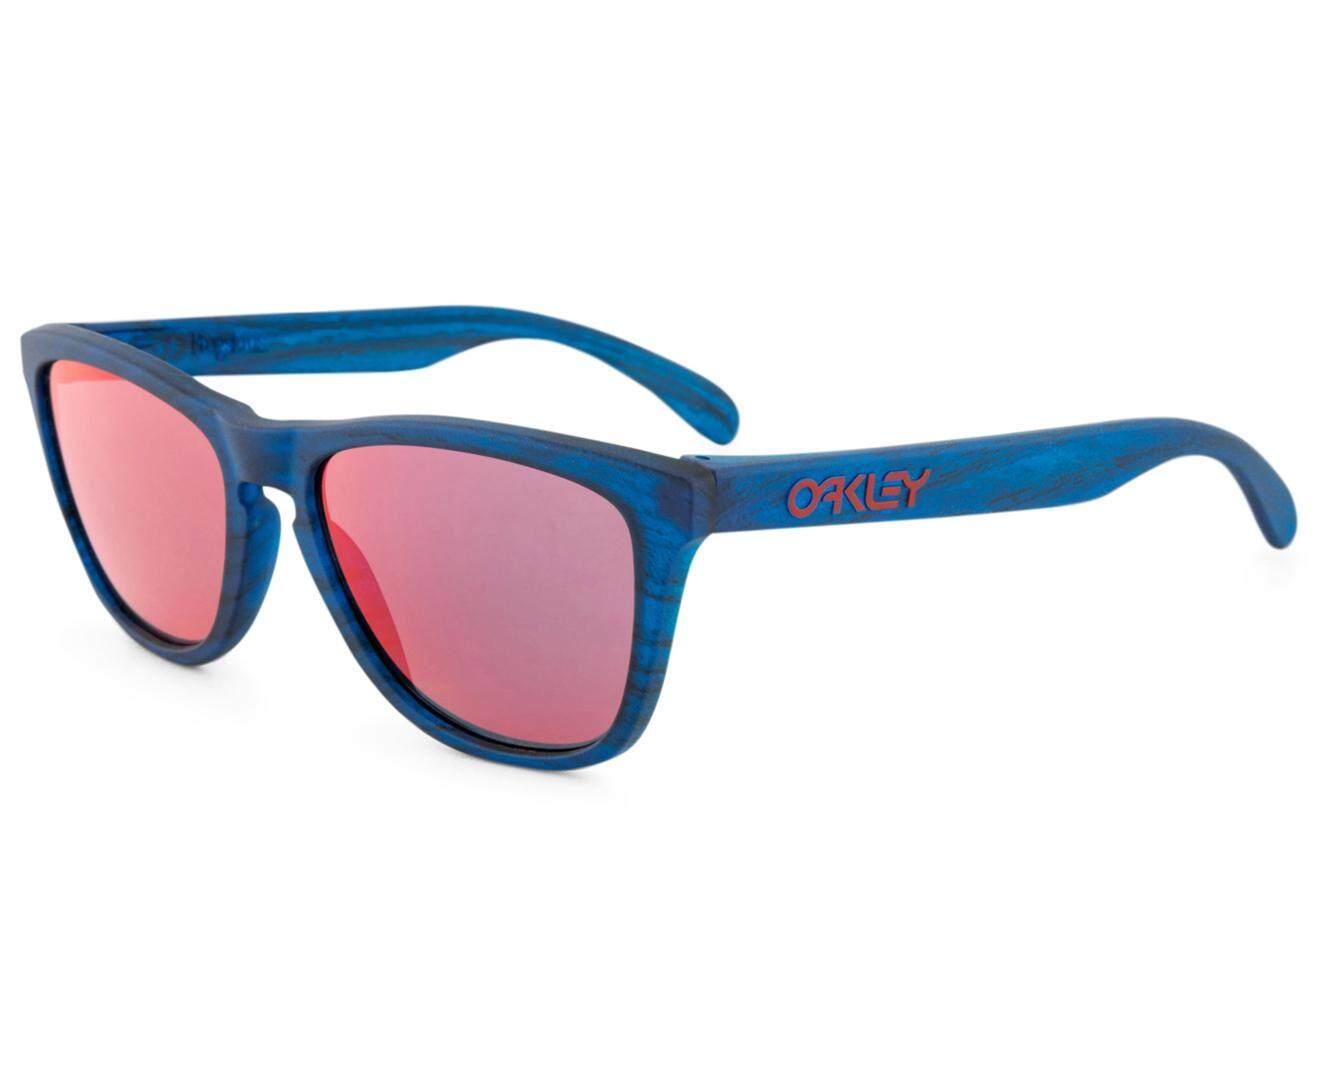 Oakley Men's Frogskins Sunglasses Blue Woodgrain/Torch